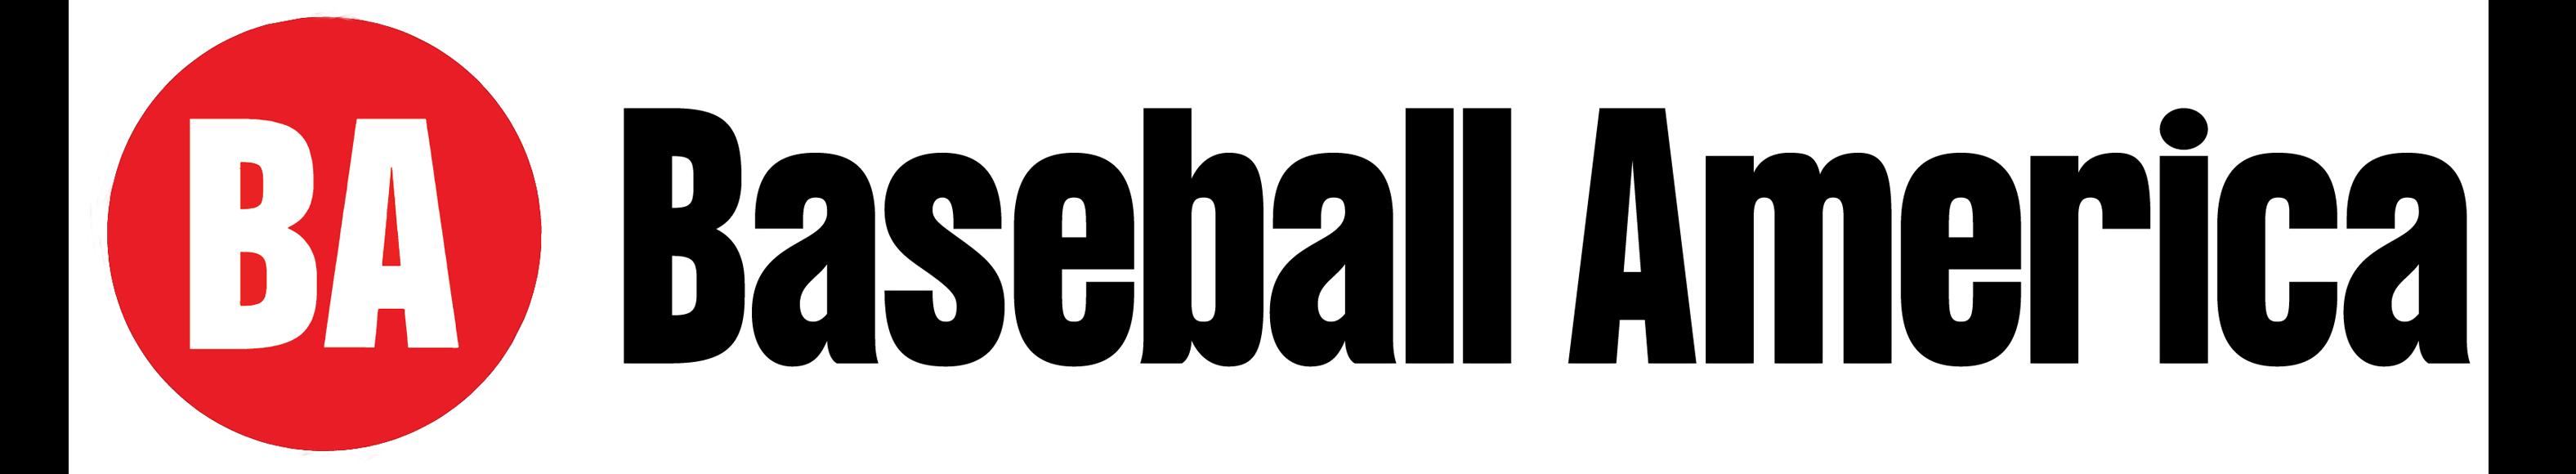 ba logo-min (1)